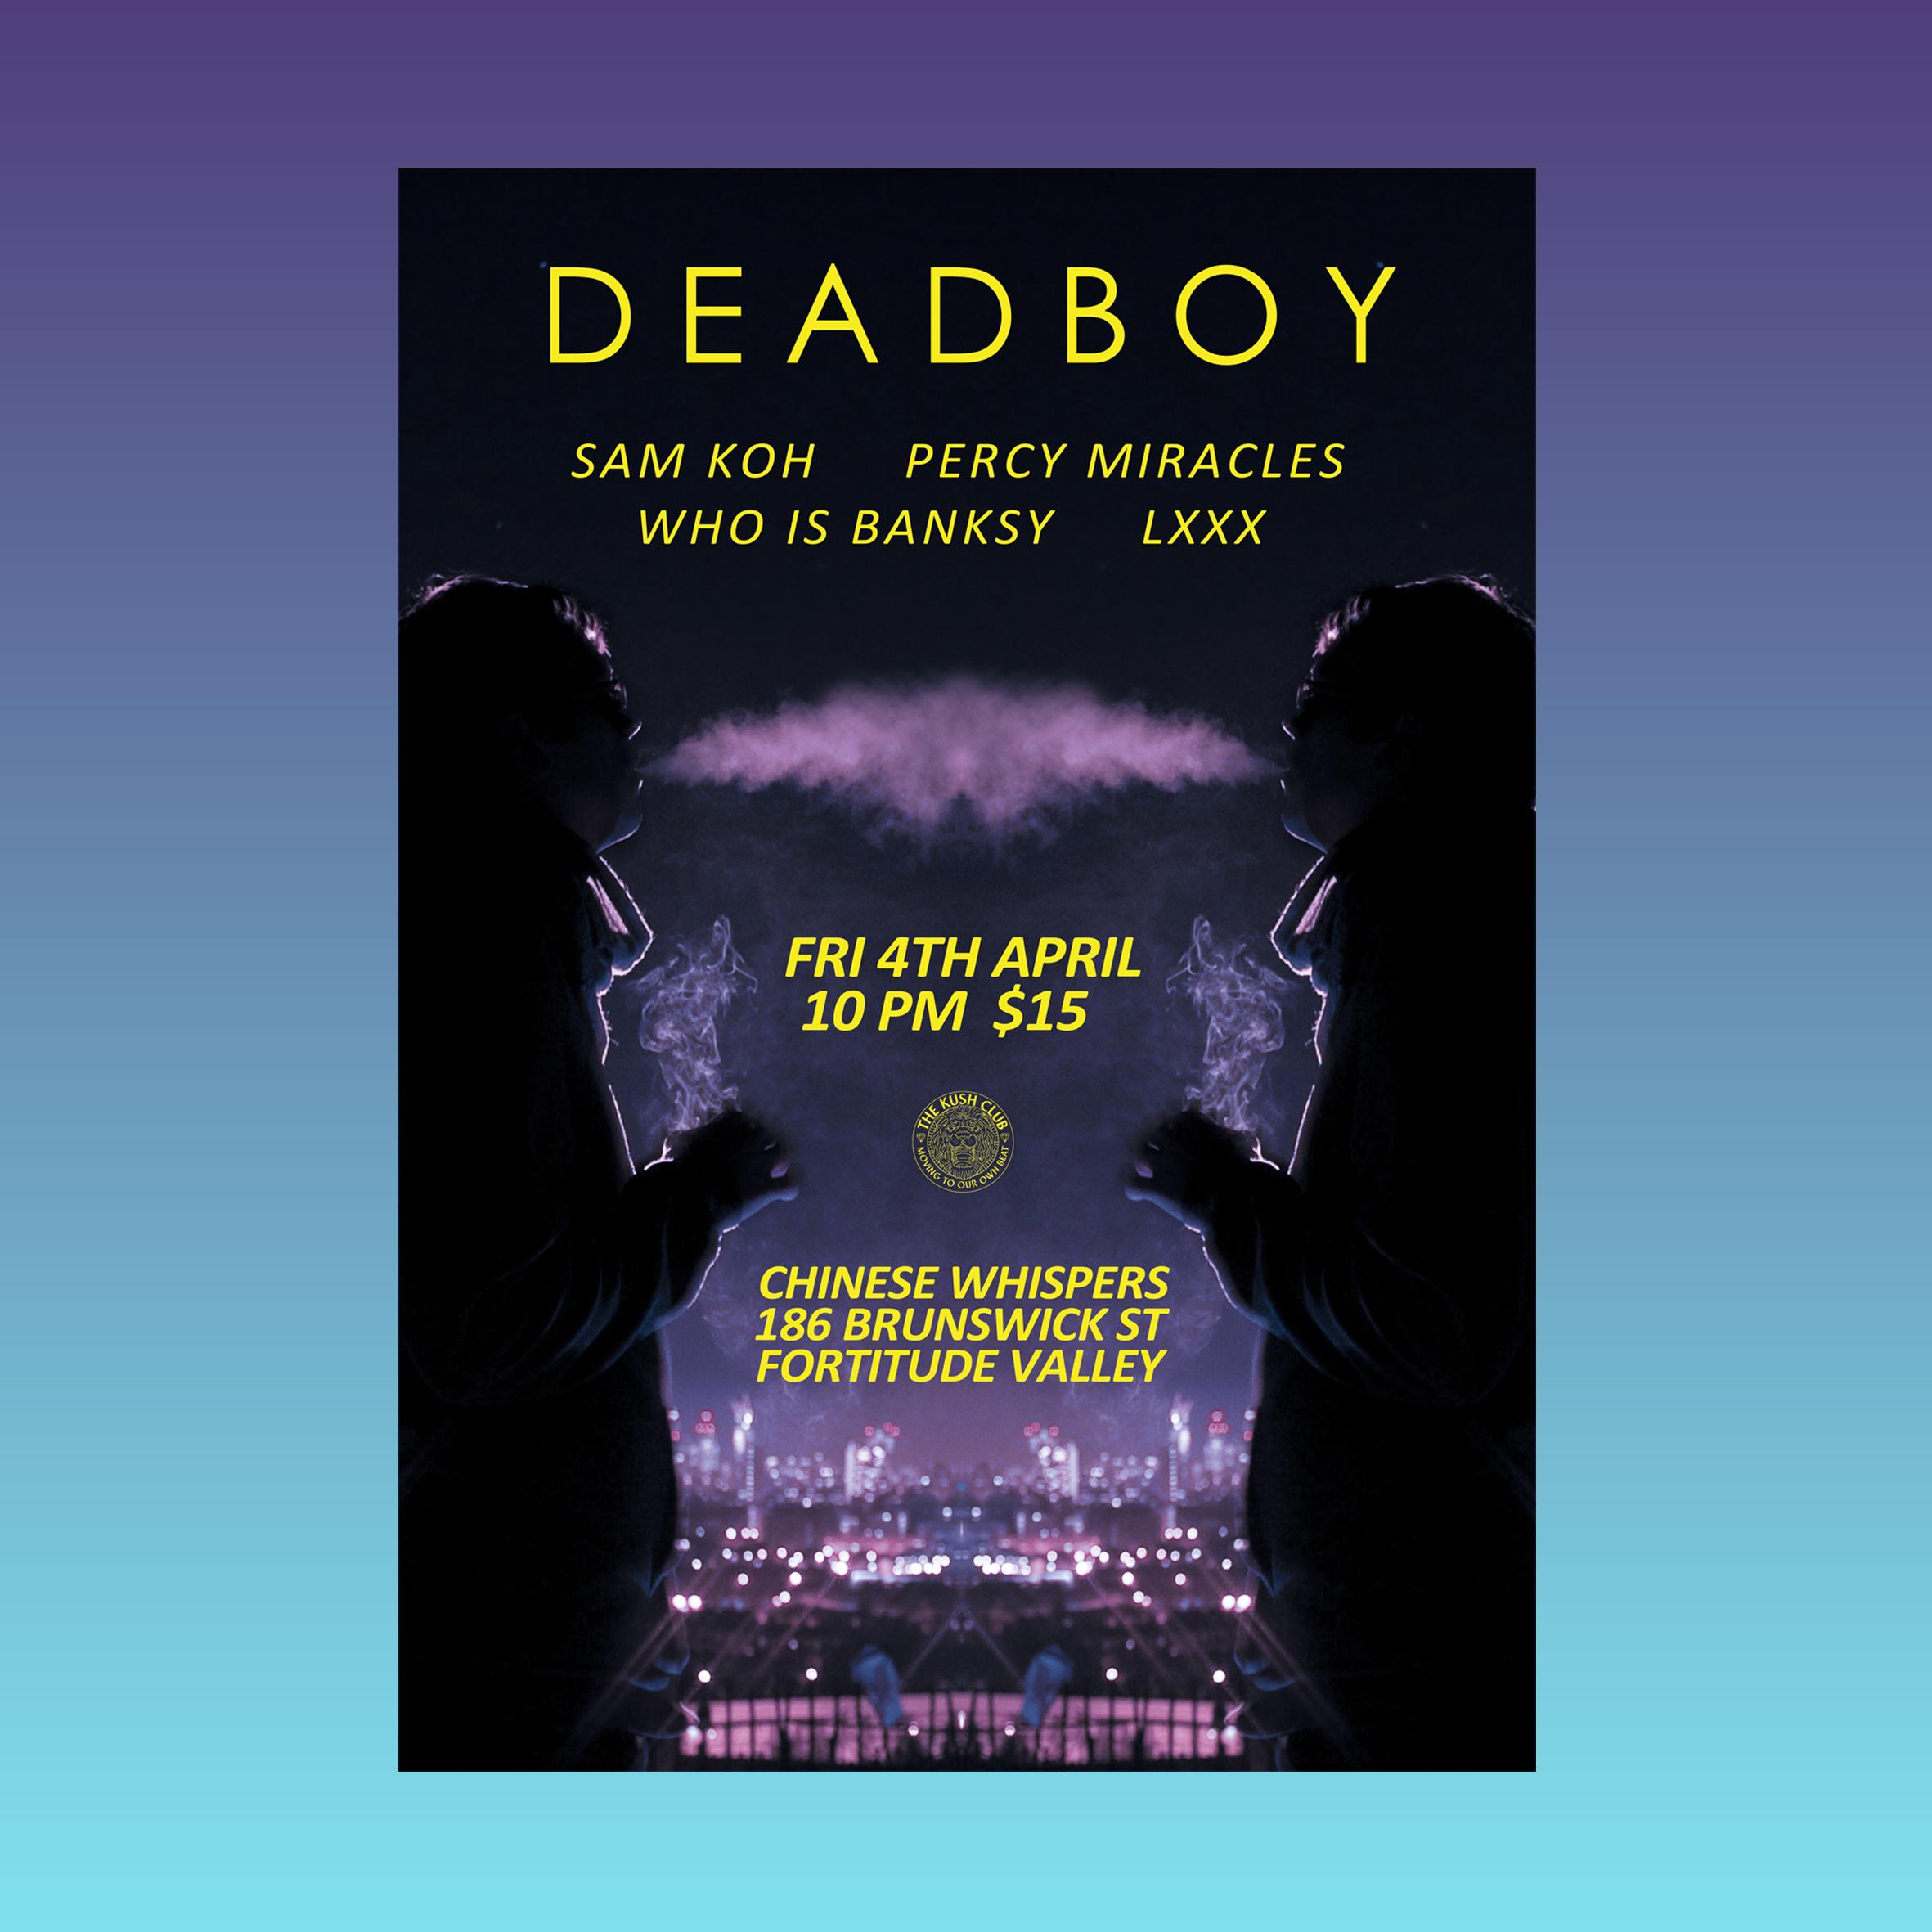 deadboy poster